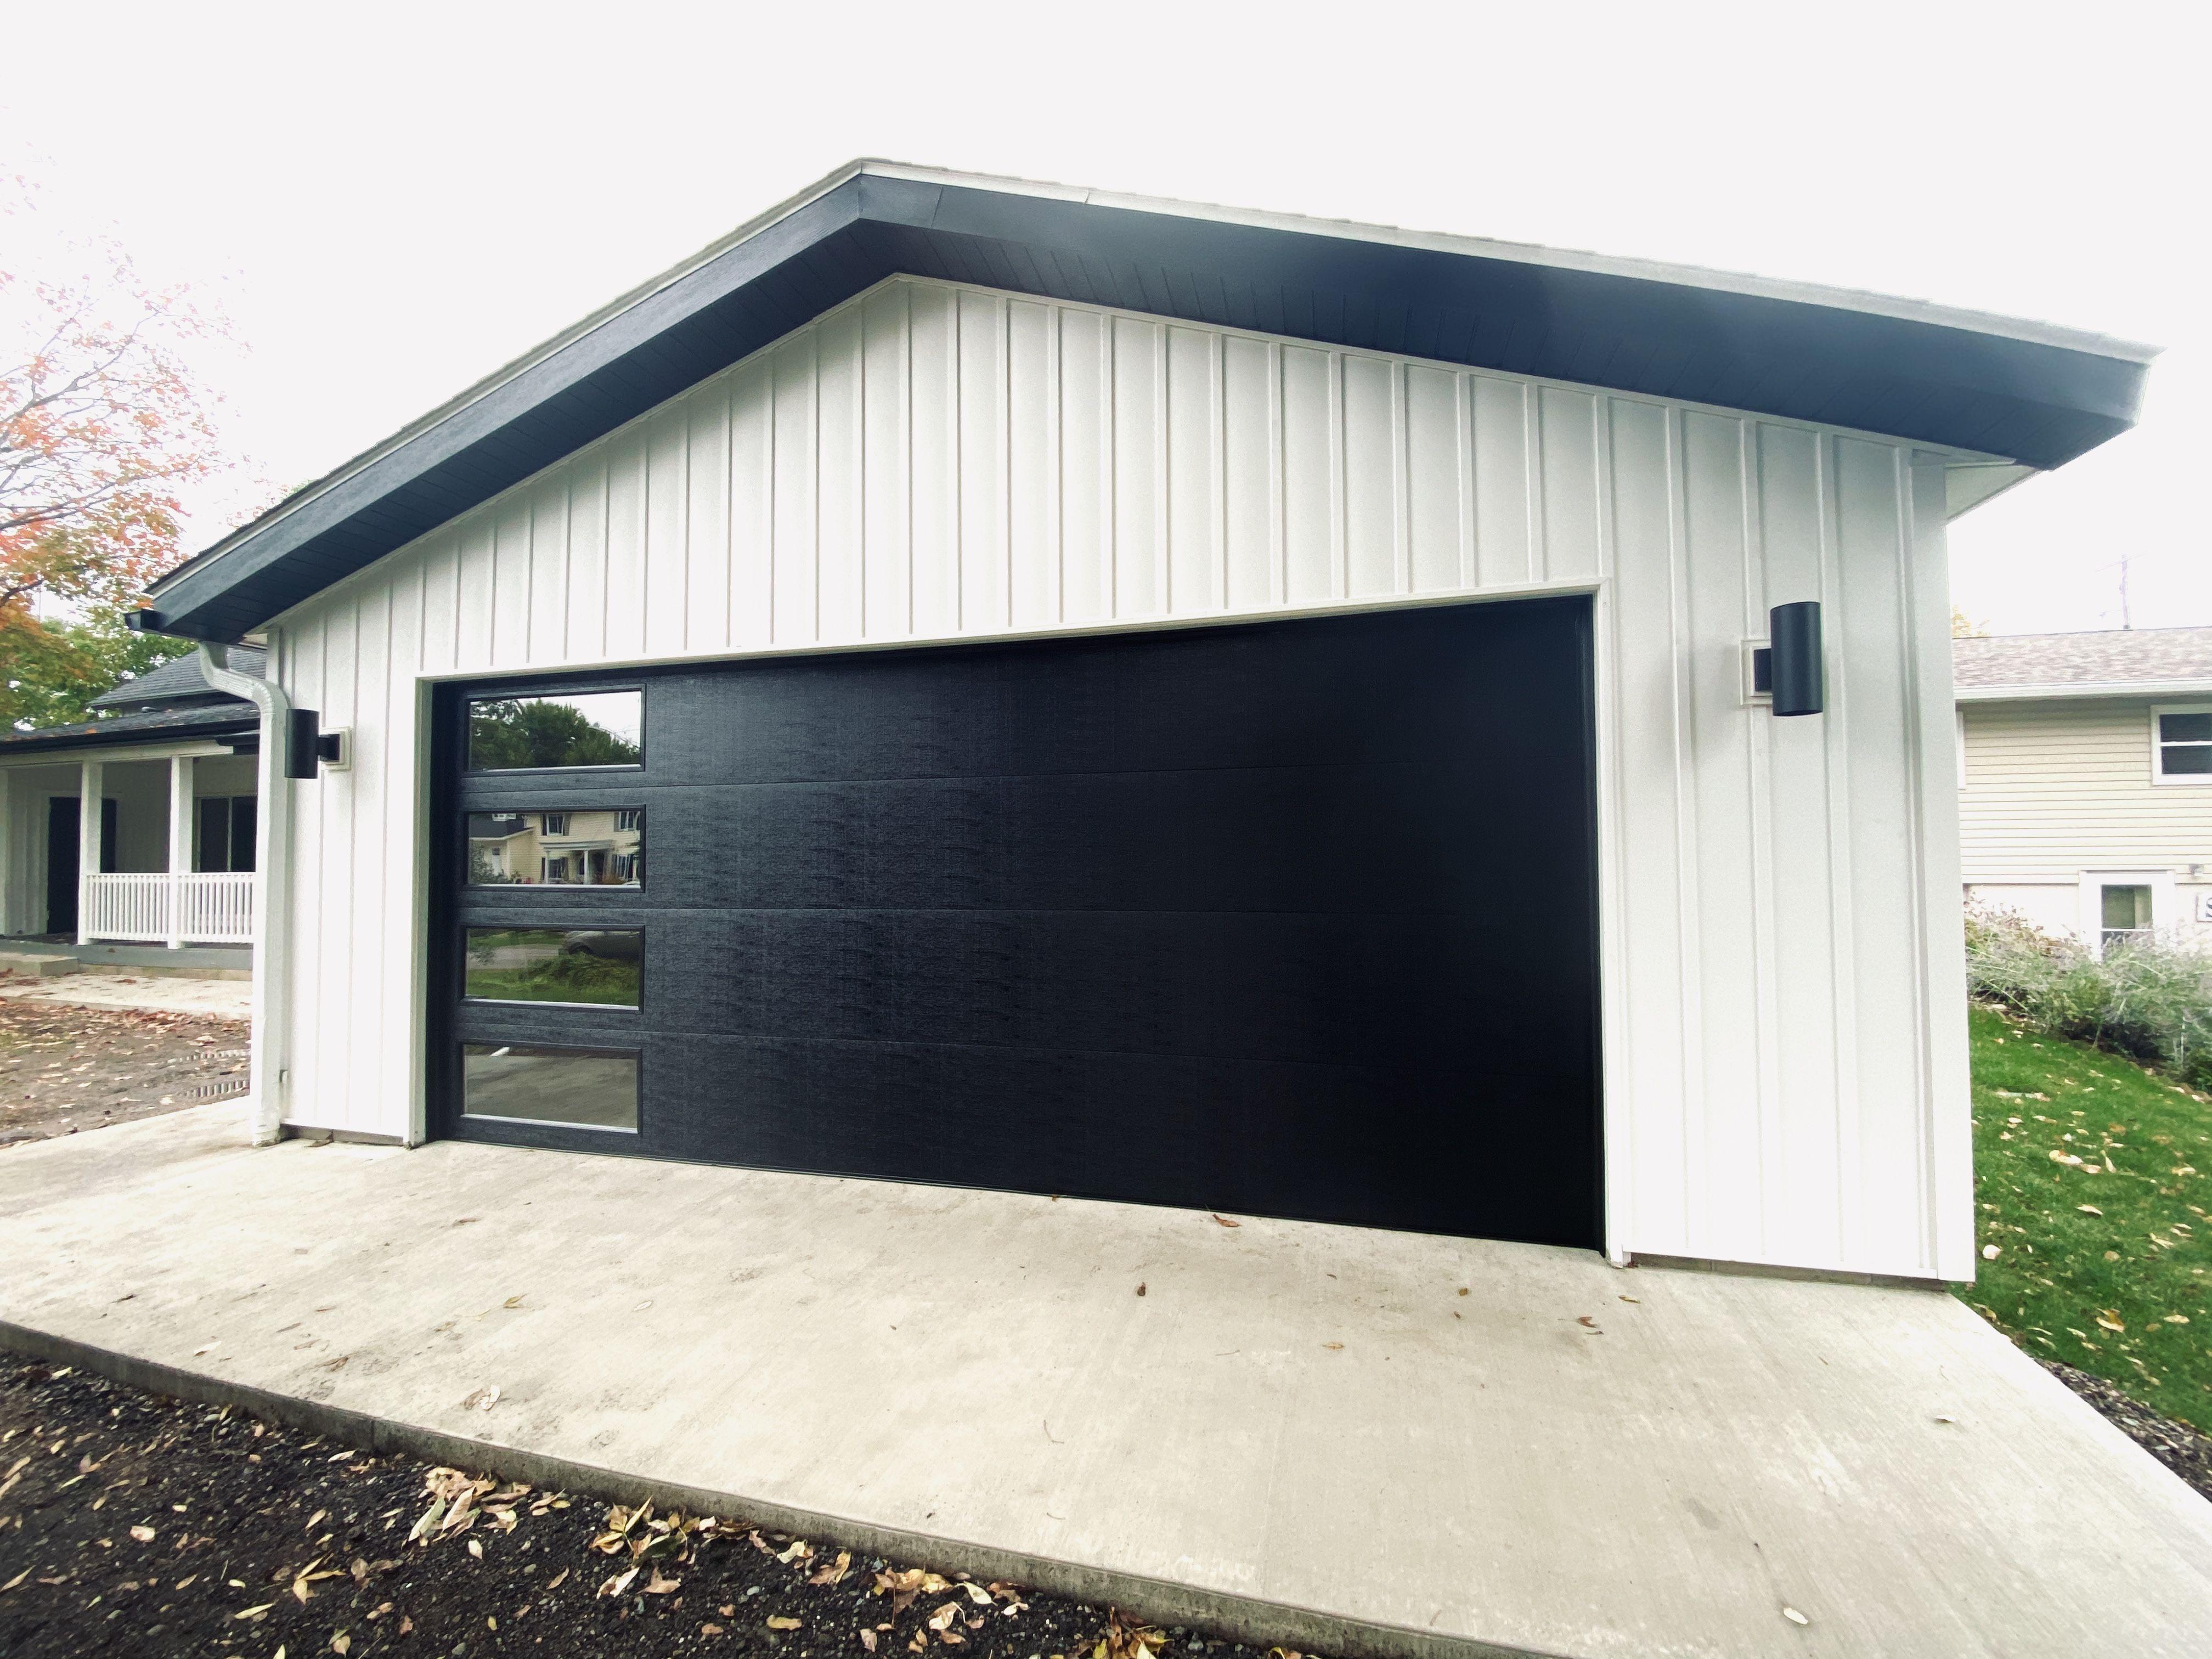 Wayne Dalton Black Garage Door In 2020 Garage Doors Black Garage Doors Grey Garage Doors